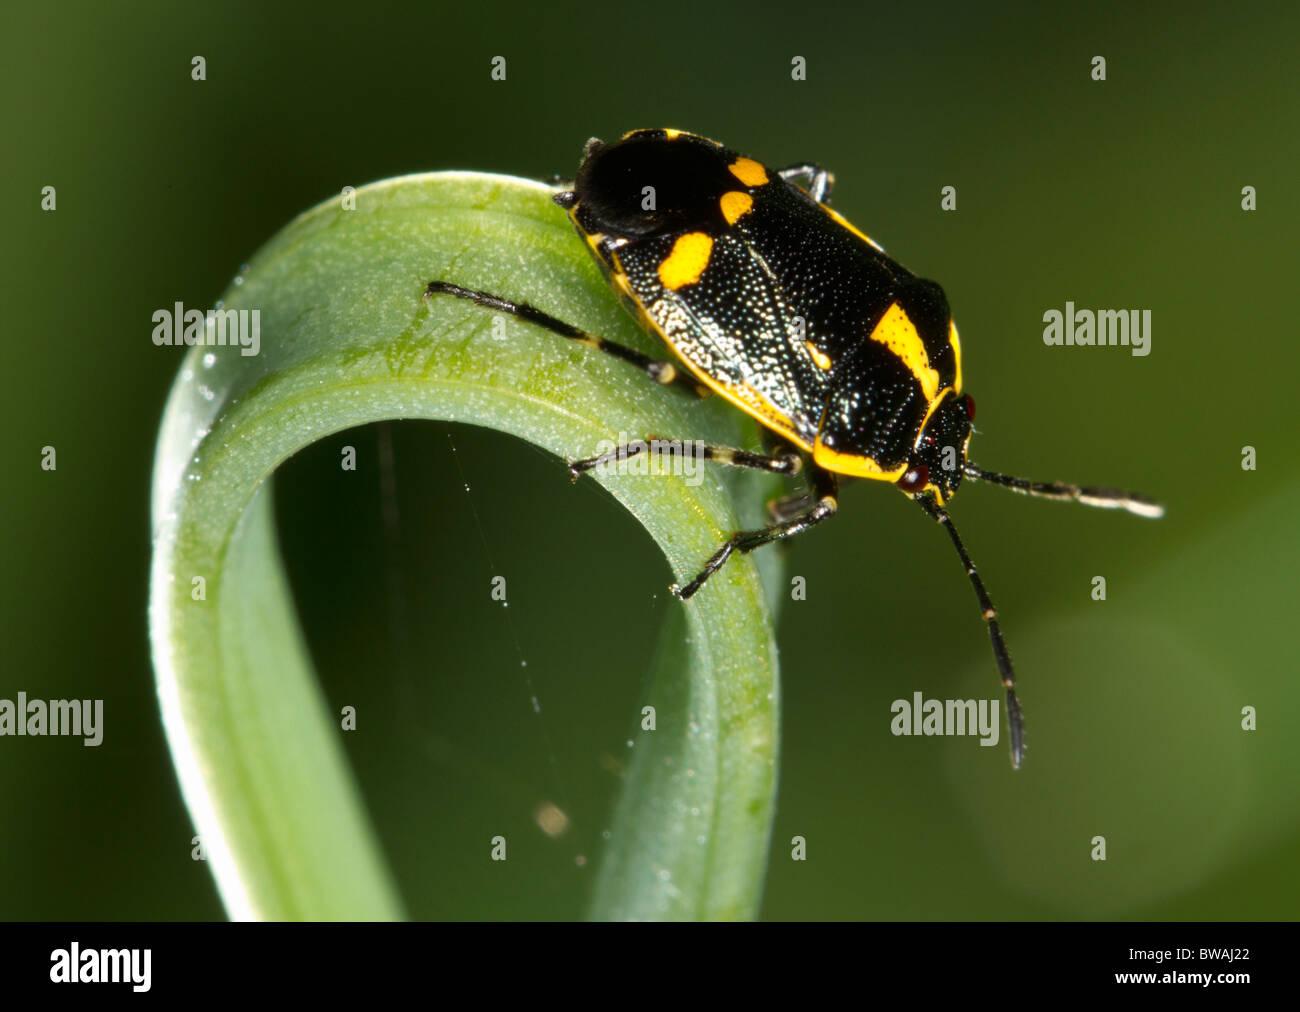 Black and yellow shield bug